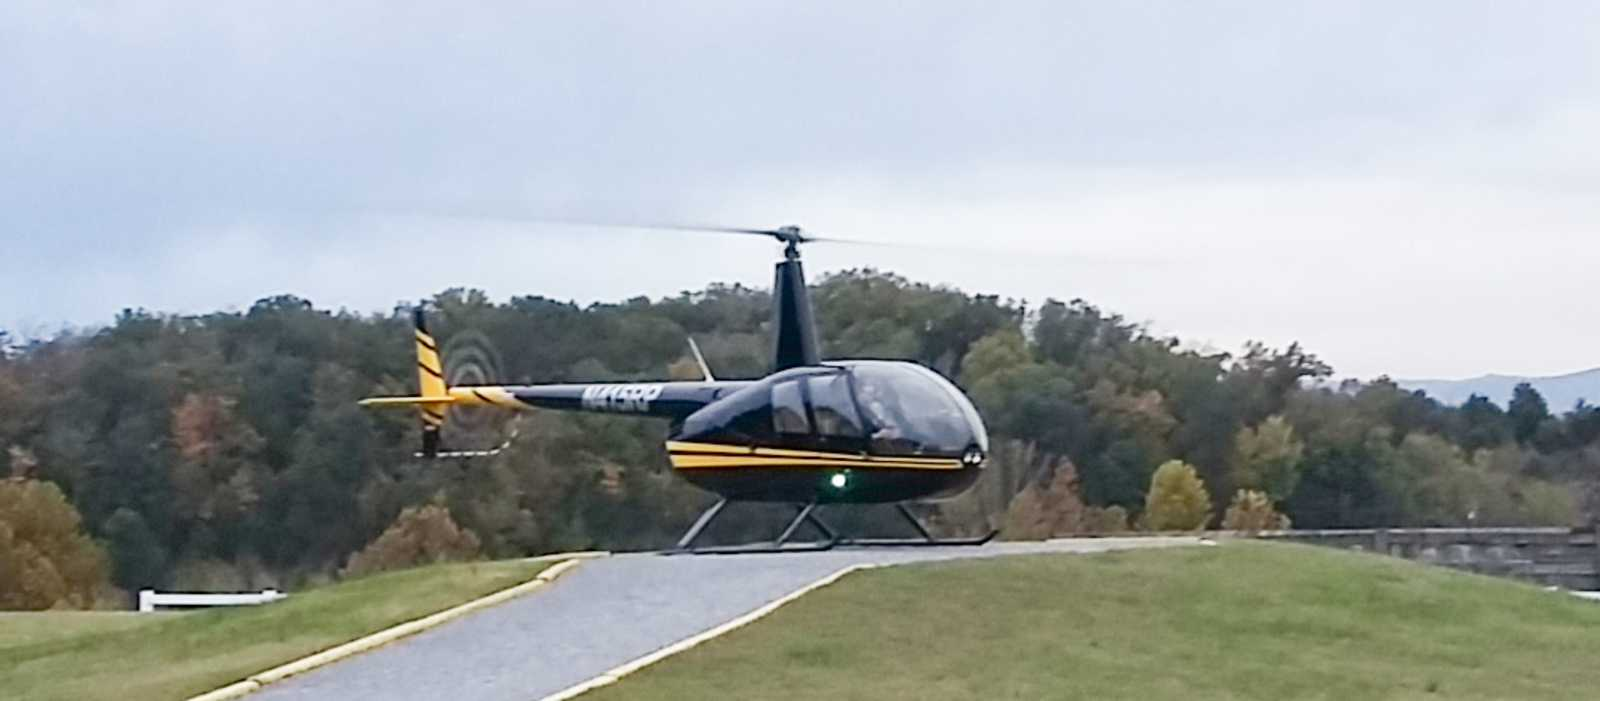 Blick auf den Helikopter